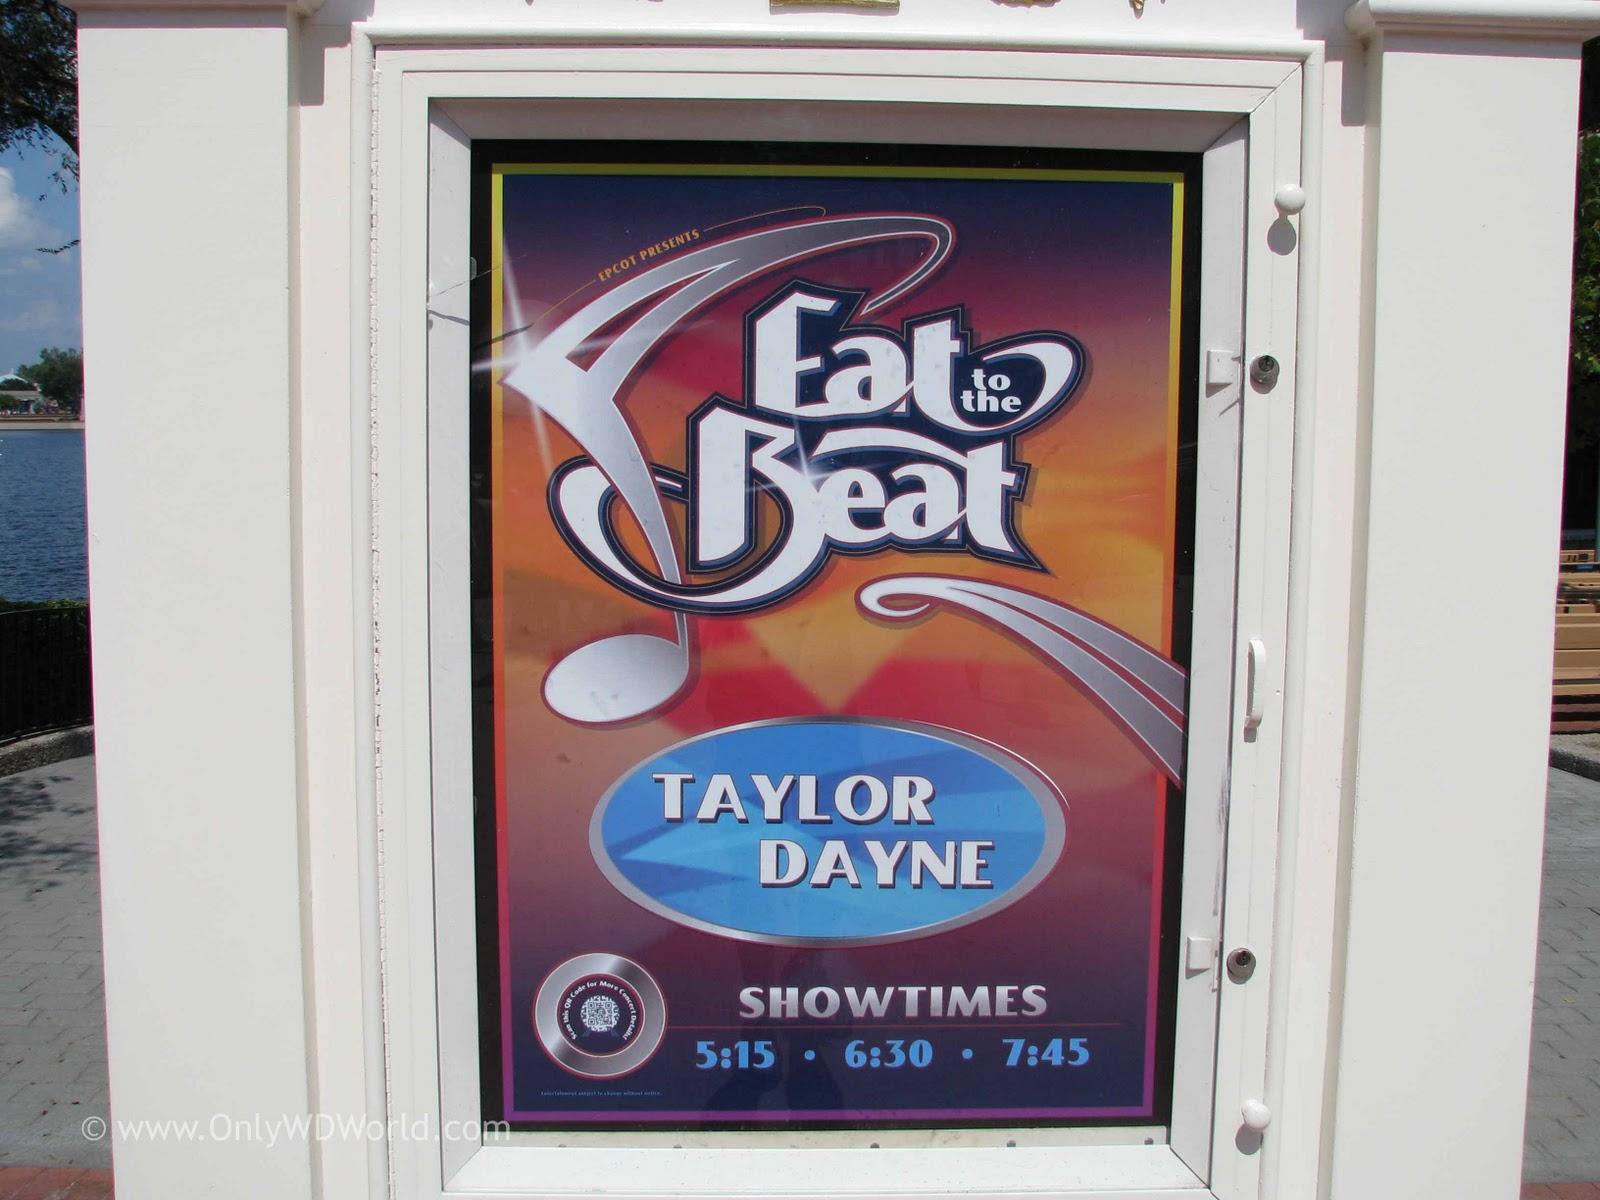 http://1.bp.blogspot.com/-SYXMbRNLvXw/TpLTMOfFc2I/AAAAAAAAG4U/_j7W77m4mEM/s1600/Taylor+Dayne+At+Disney+World001.jpg